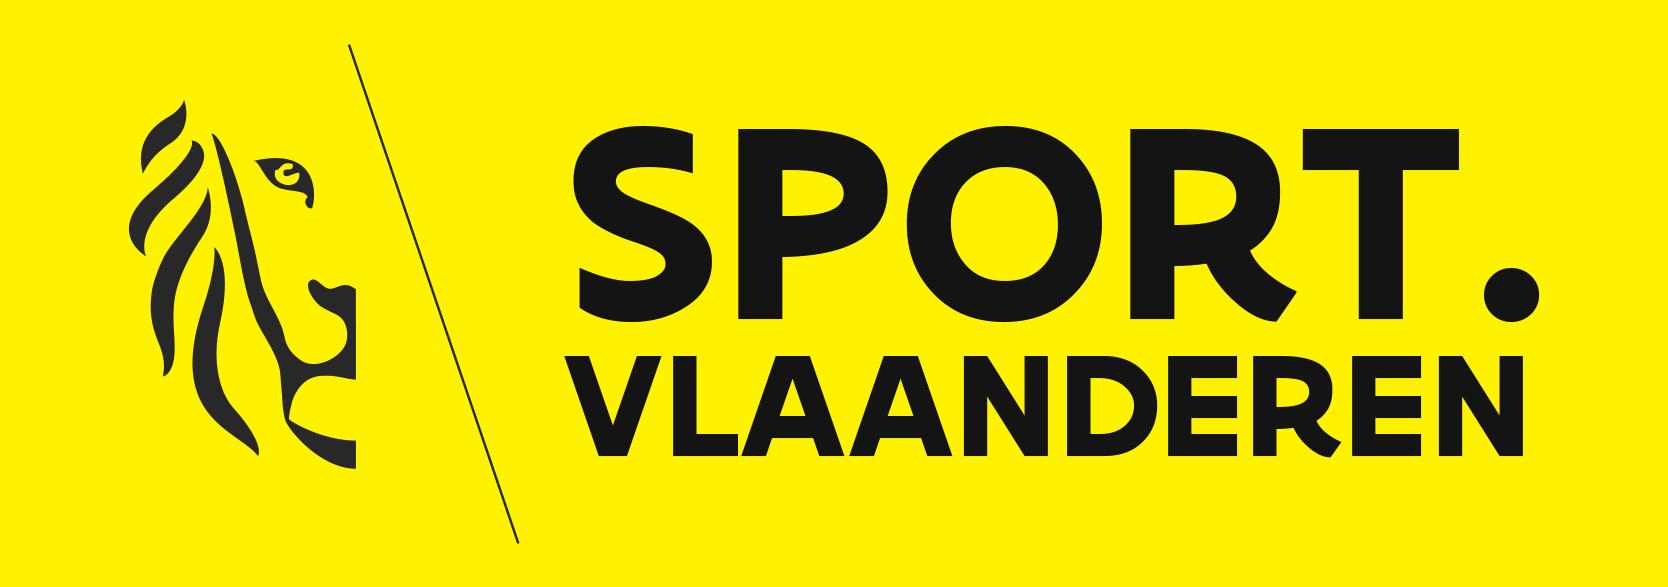 Sport Vlaanderen Sponsorlogo